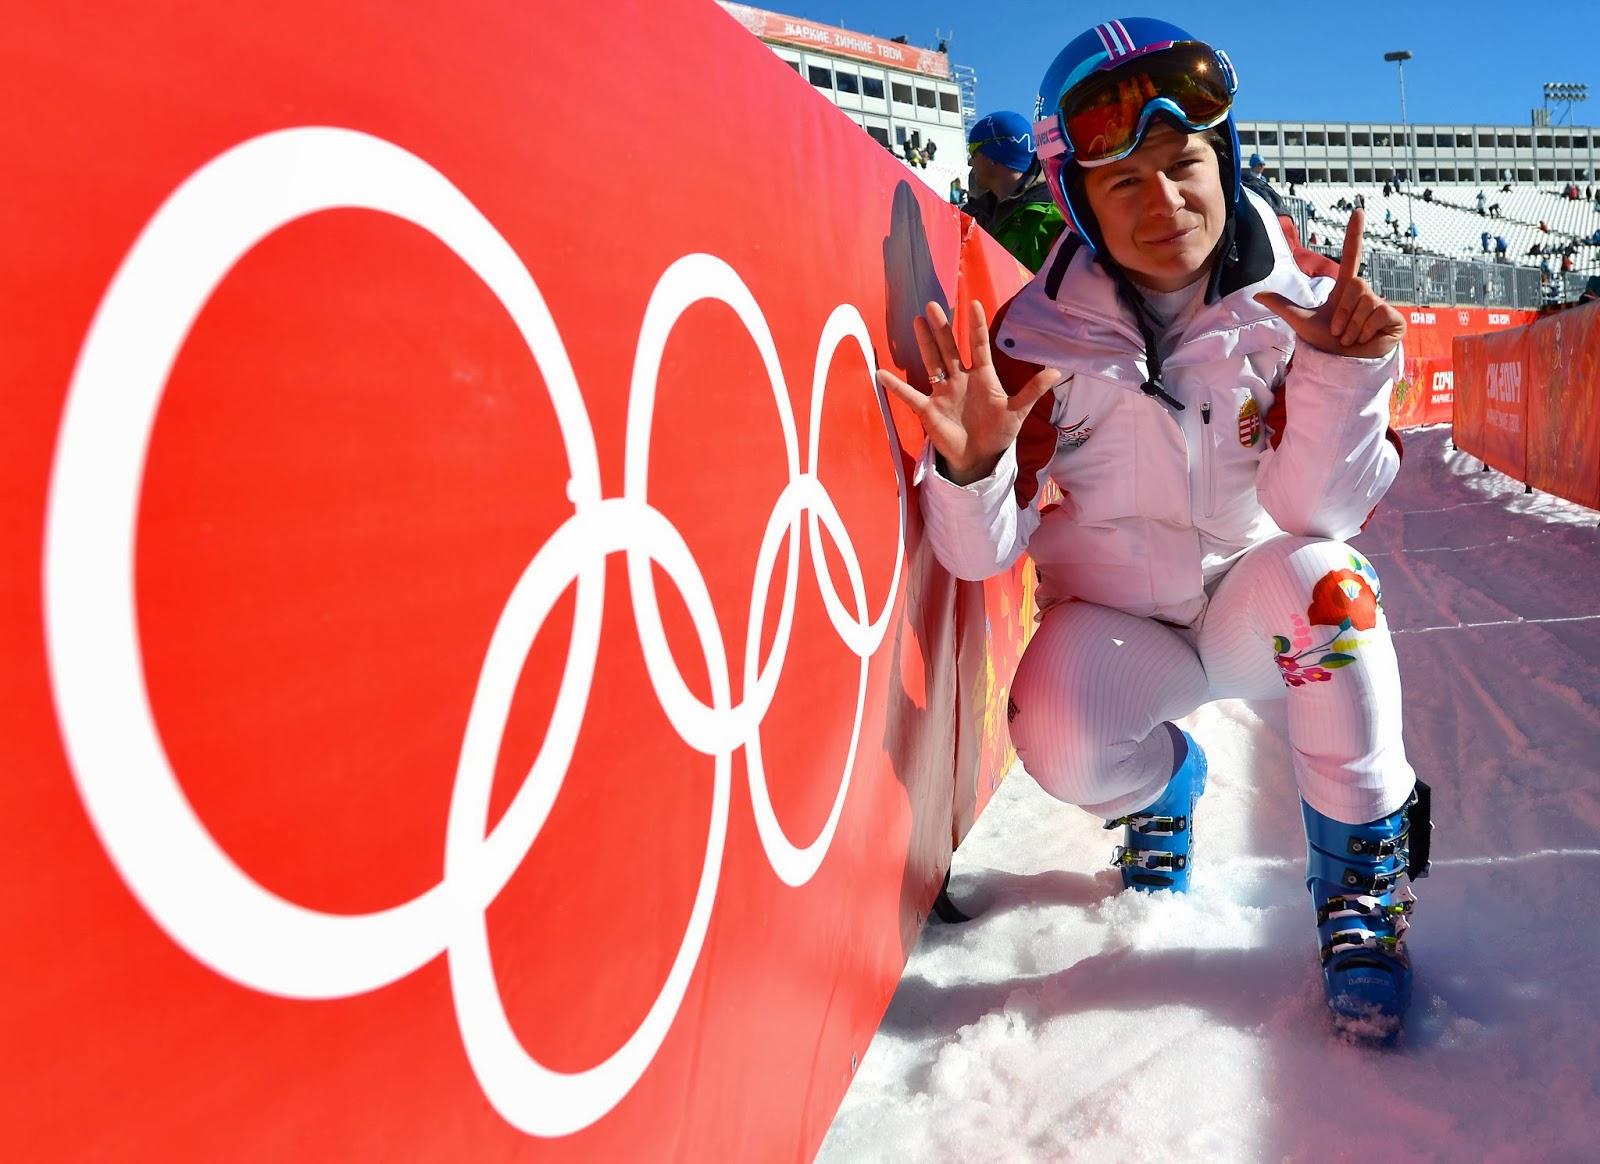 téli sportok, téli olimpiai játékok, Szocsi, lesiklás, Miklós Edit, alpesi-síverseny